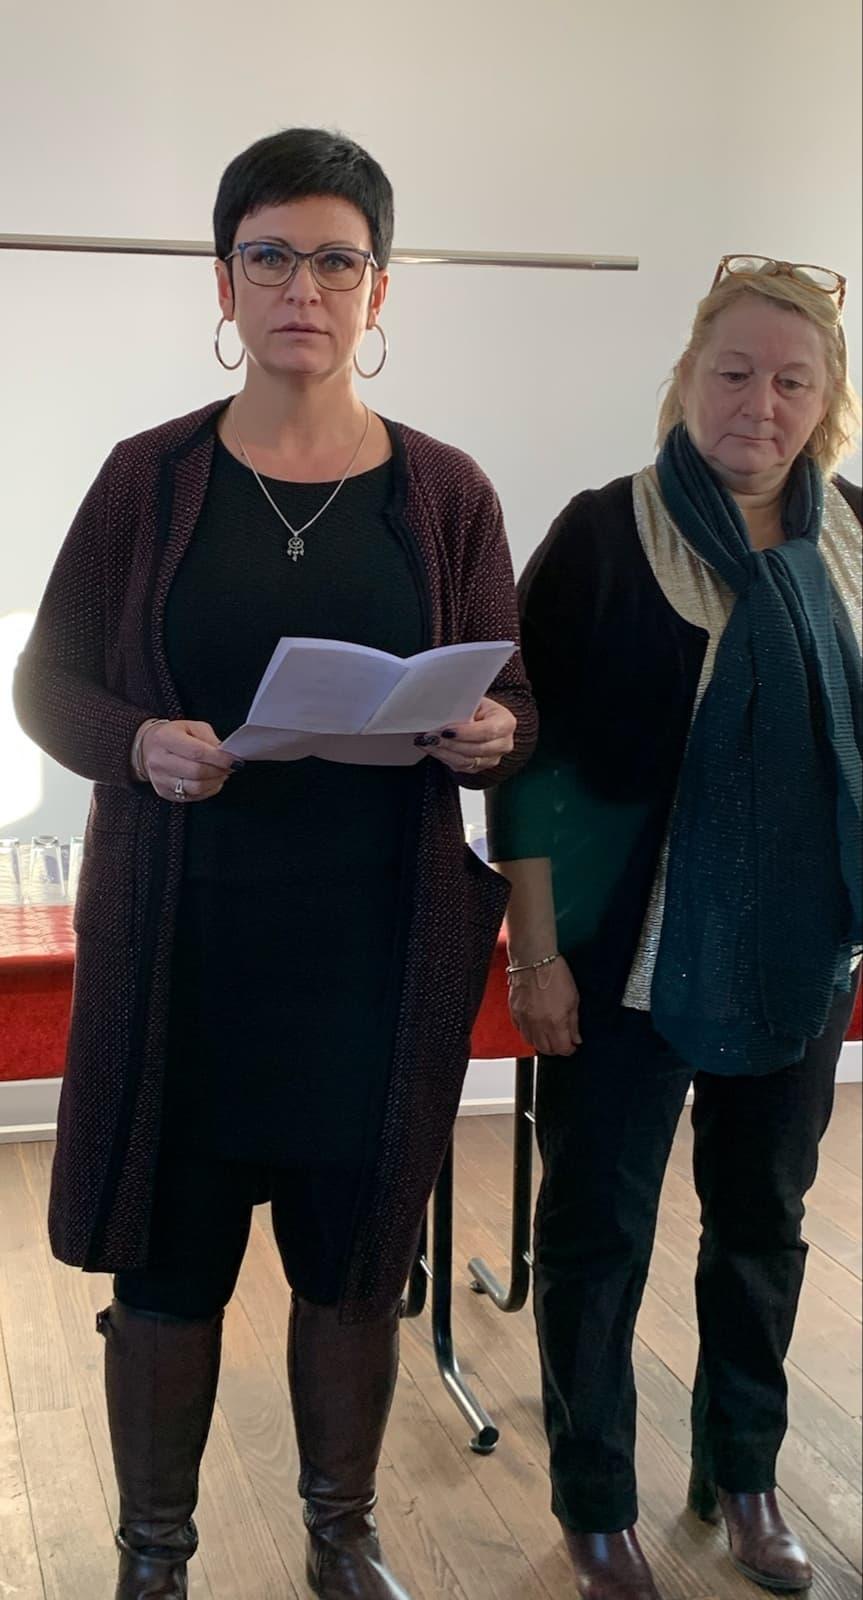 De gauche à droite : Gaëlle Vaudé, maire de Pargny-la-Dhuys, et Annie Touzé, seconde adjointe.